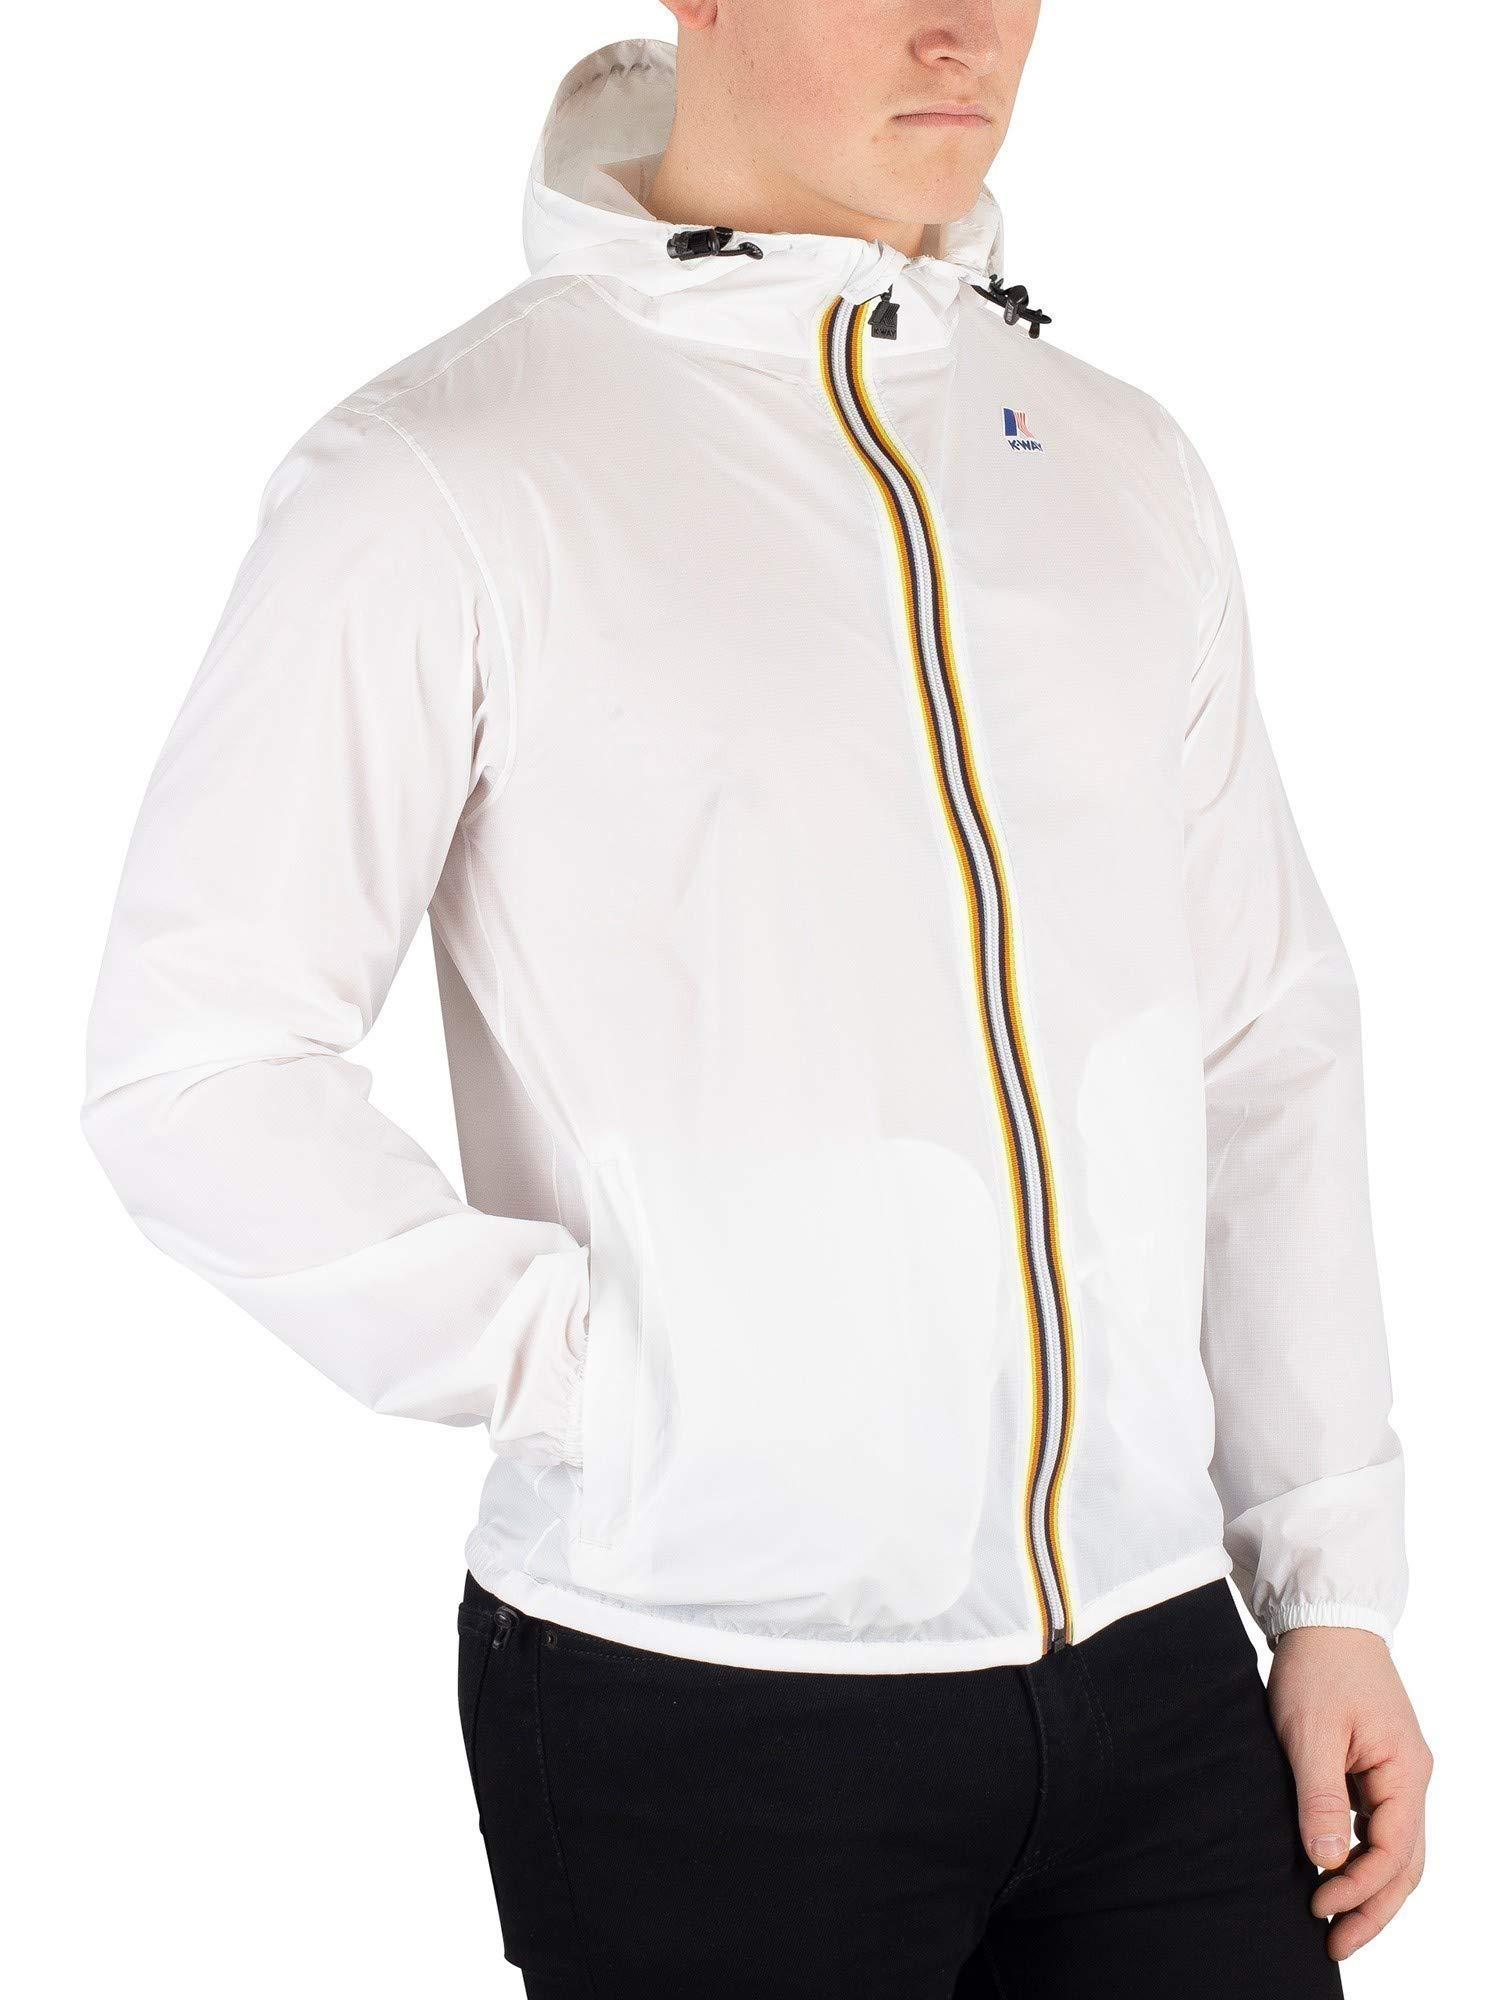 K-Way Men's Water Resistant Le VRAI Claude 3.0 Jacket White XXL